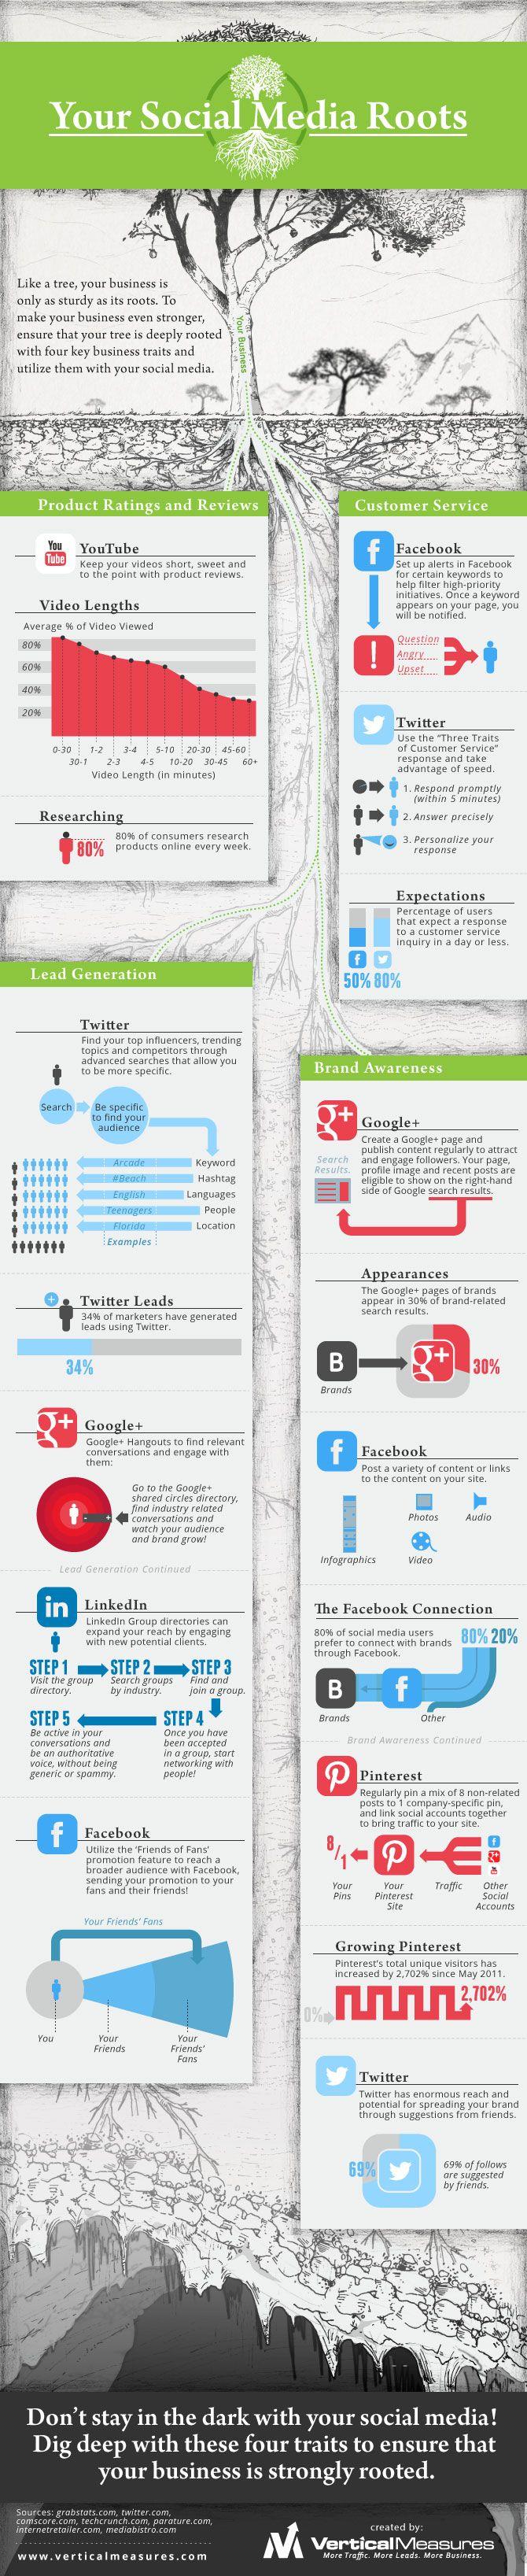 Your SocialMedia Roots 51 best SocialMedia images